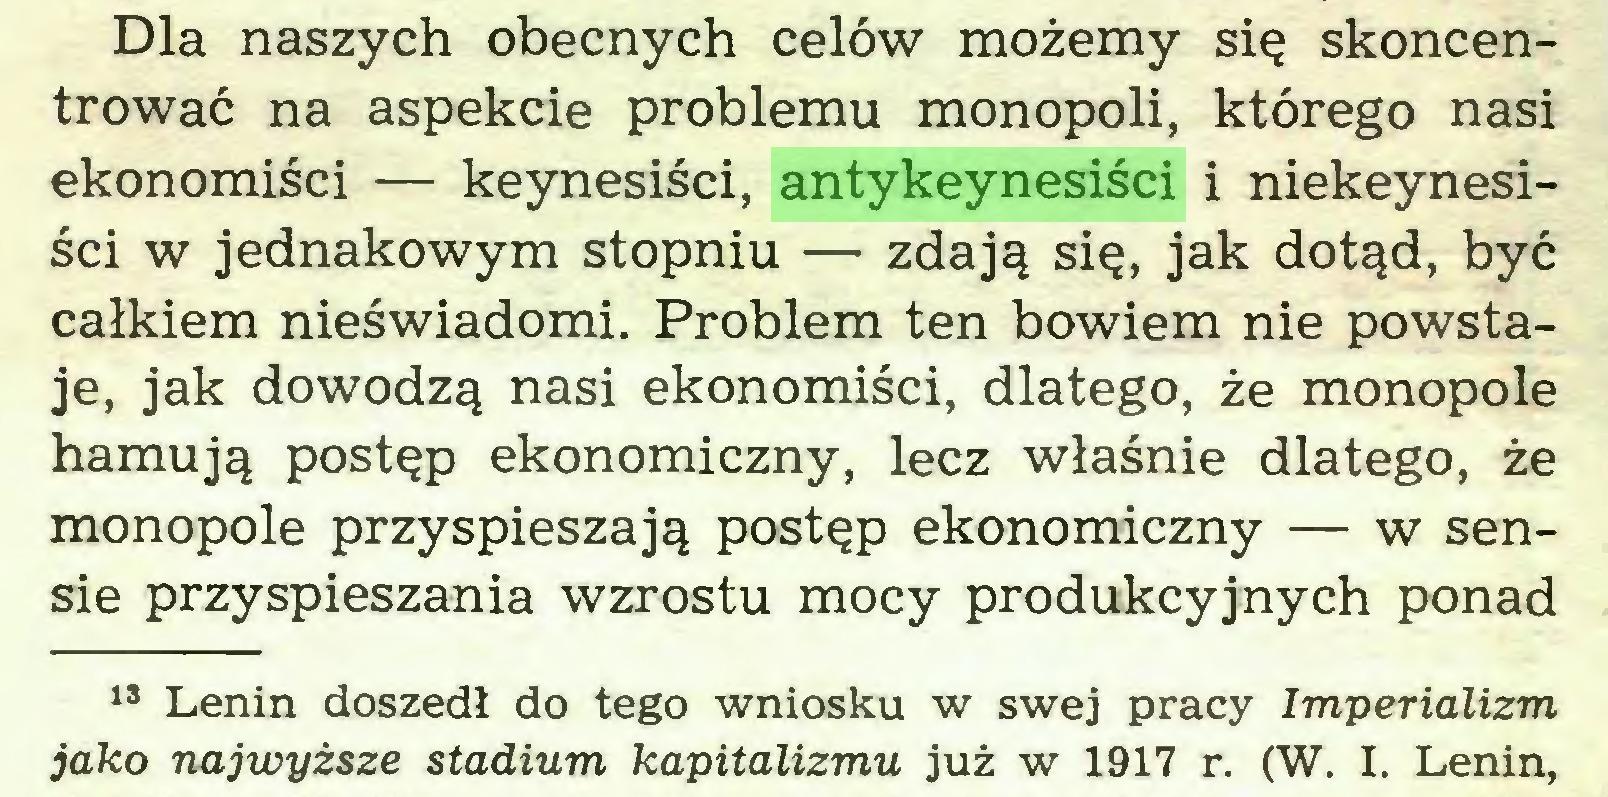 (...) Dla naszych obecnych celów możemy się skoncentrować na aspekcie problemu monopoli, którego nasi ekonomiści — keynesiści, antykeynesiści i niekeynesiści w jednakowym stopniu — zdają się, jak dotąd, być całkiem nieświadomi. Problem ten bowiem nie powstaje, jak dowodzą nasi ekonomiści, dlatego, że monopole hamują postęp ekonomiczny, lecz właśnie dlatego, że monopole przyspieszają postęp ekonomiczny — w sensie przyspieszania wzrostu mocy produkcyjnych ponad 13 Lenin doszedł do tego wniosku w swej pracy Imperializm jako najwyższe stadium kapitalizmu już w 1917 r. (W. I. Lenin,...